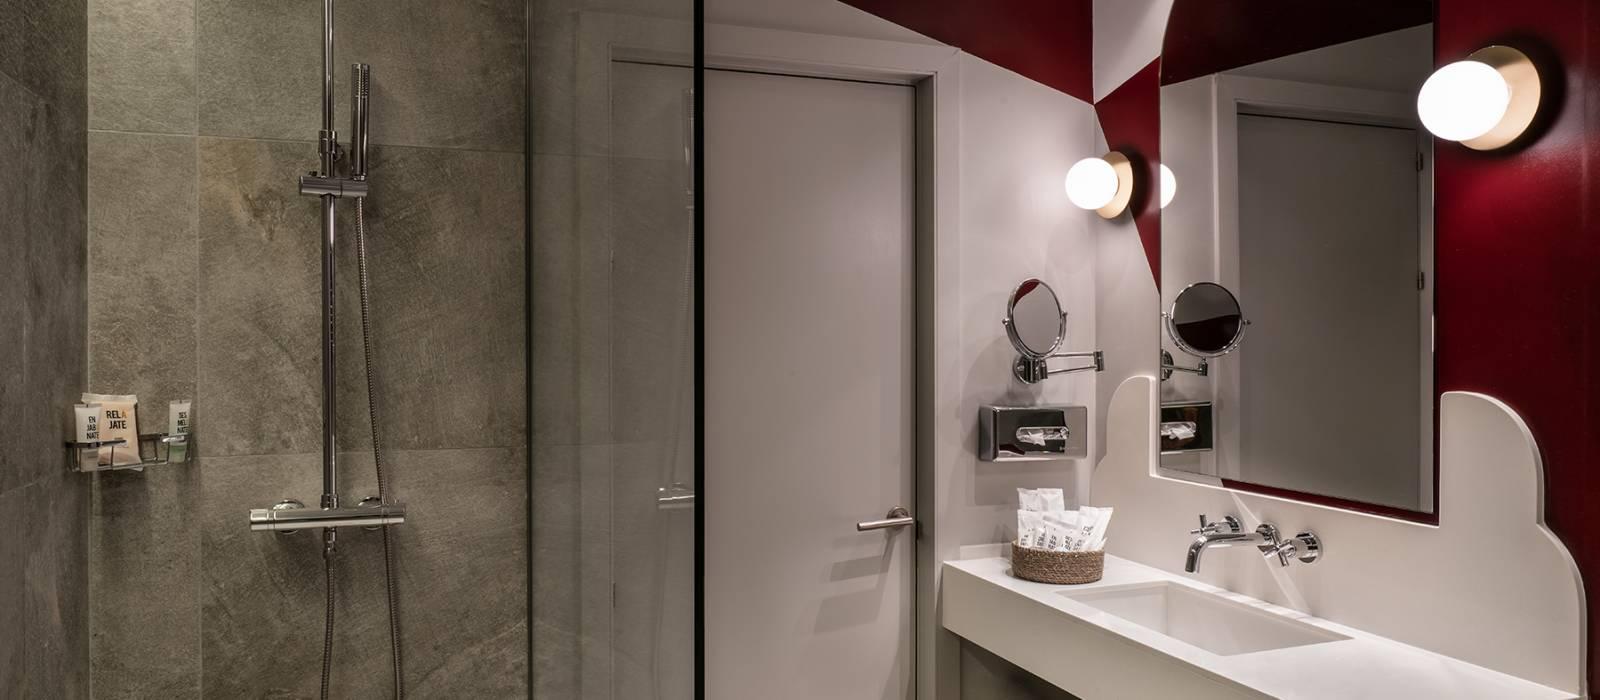 Camere Capitol Hotel Vincci Madrid - Vincci Doppia con Terrazzo